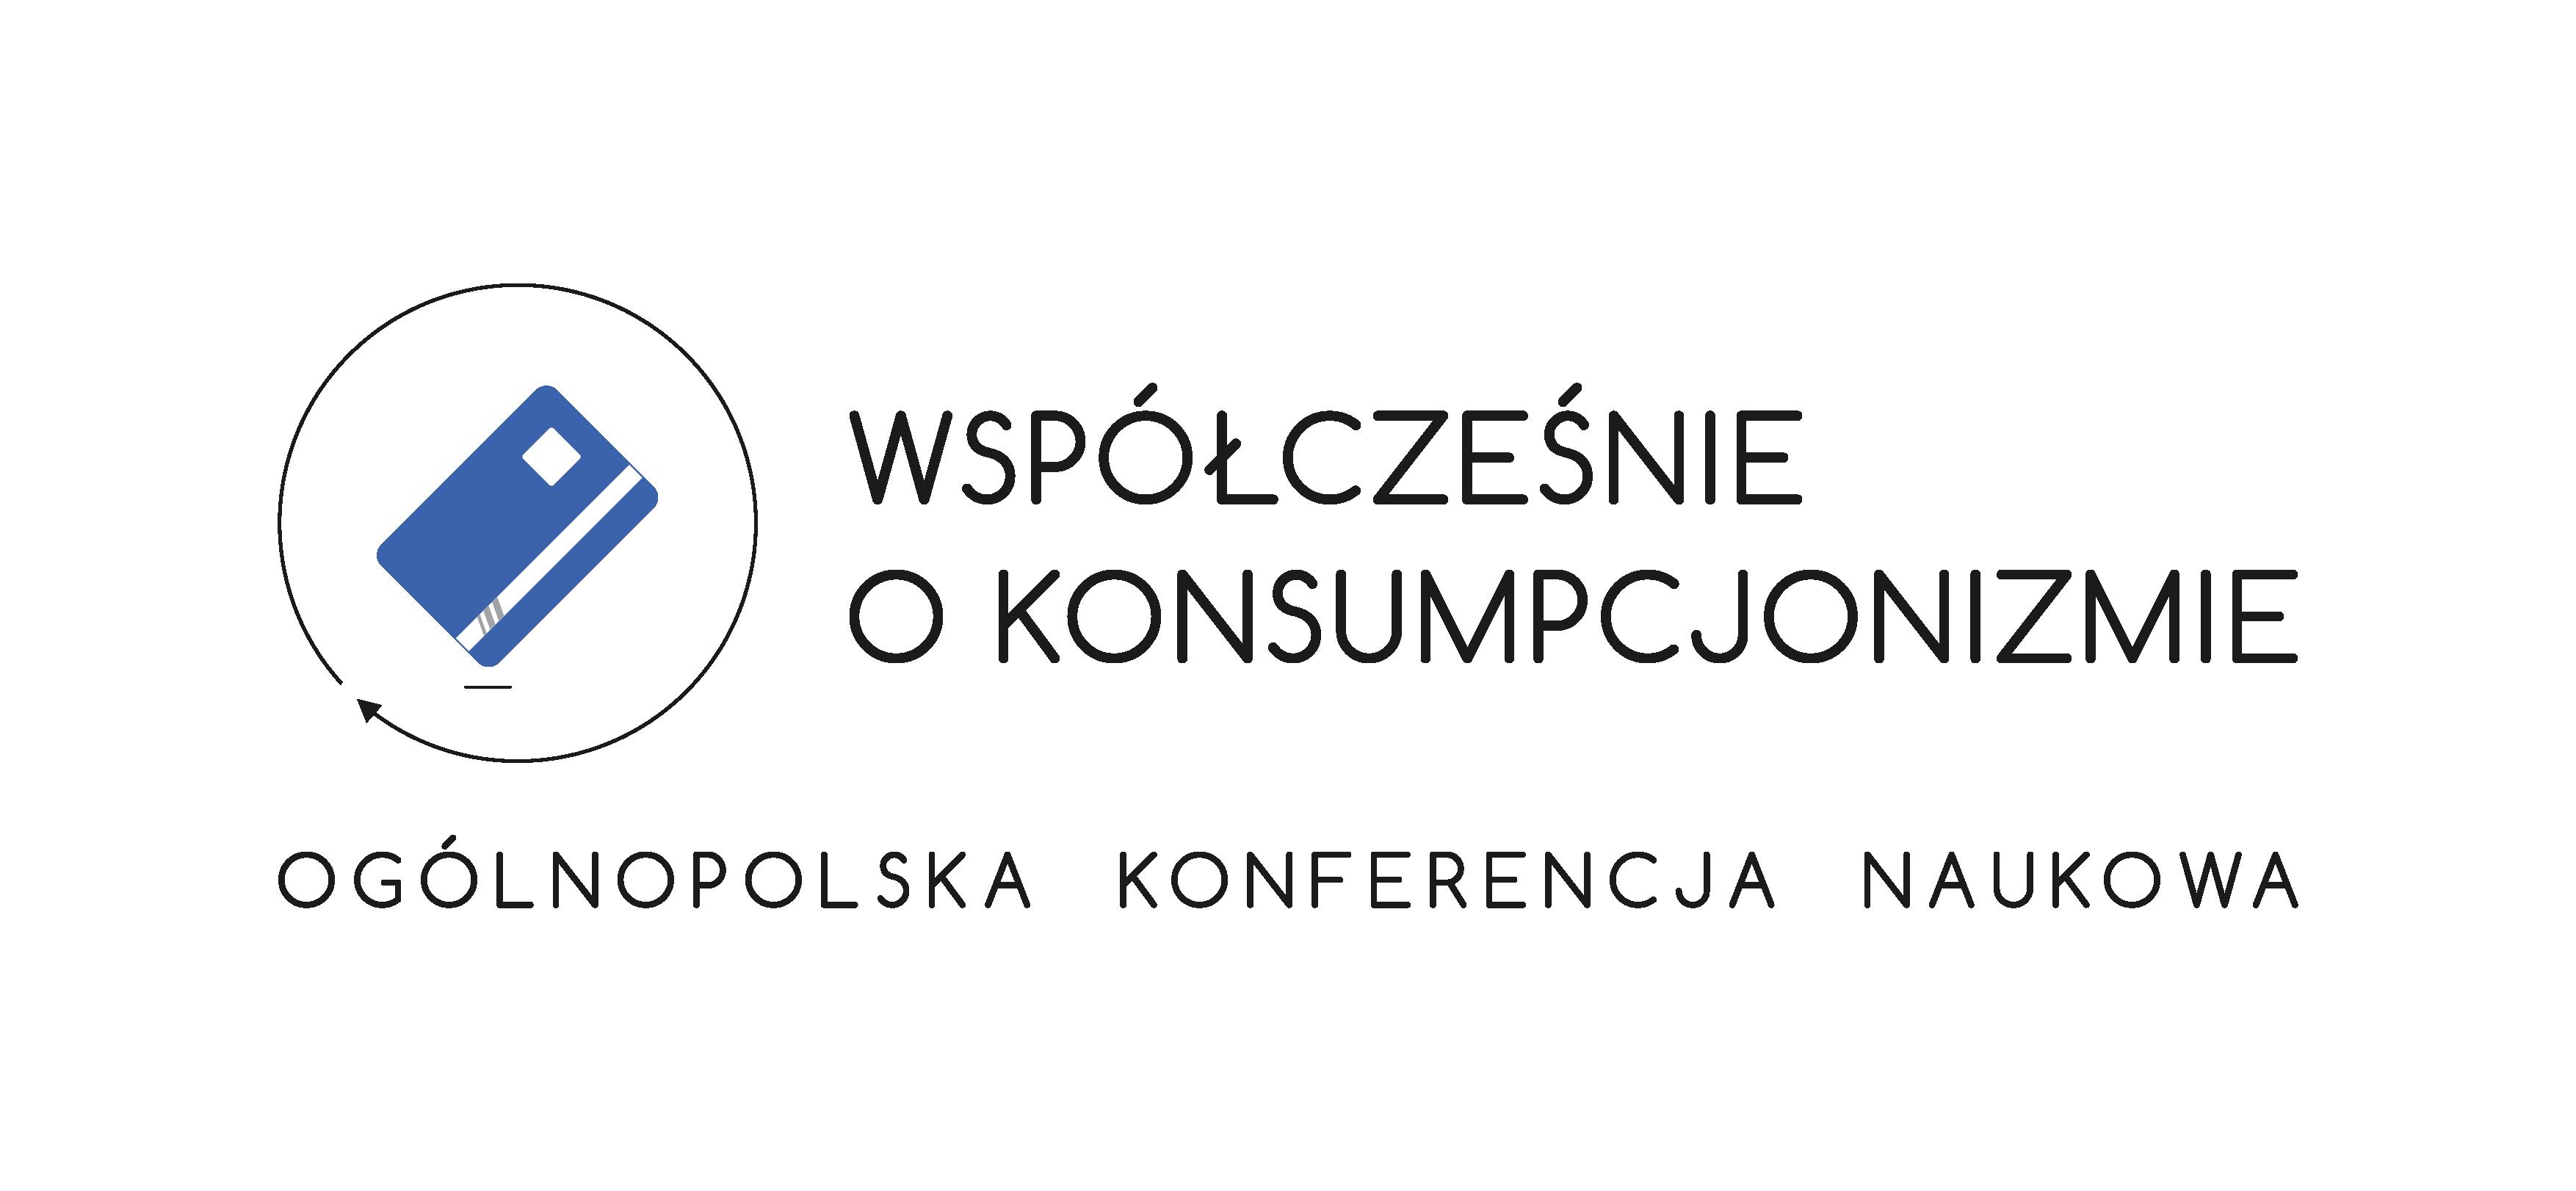 Ogólnopolska Konferencja Naukowa Współcześnie o konsumpcjonizmie. Dylematy i paradoksy